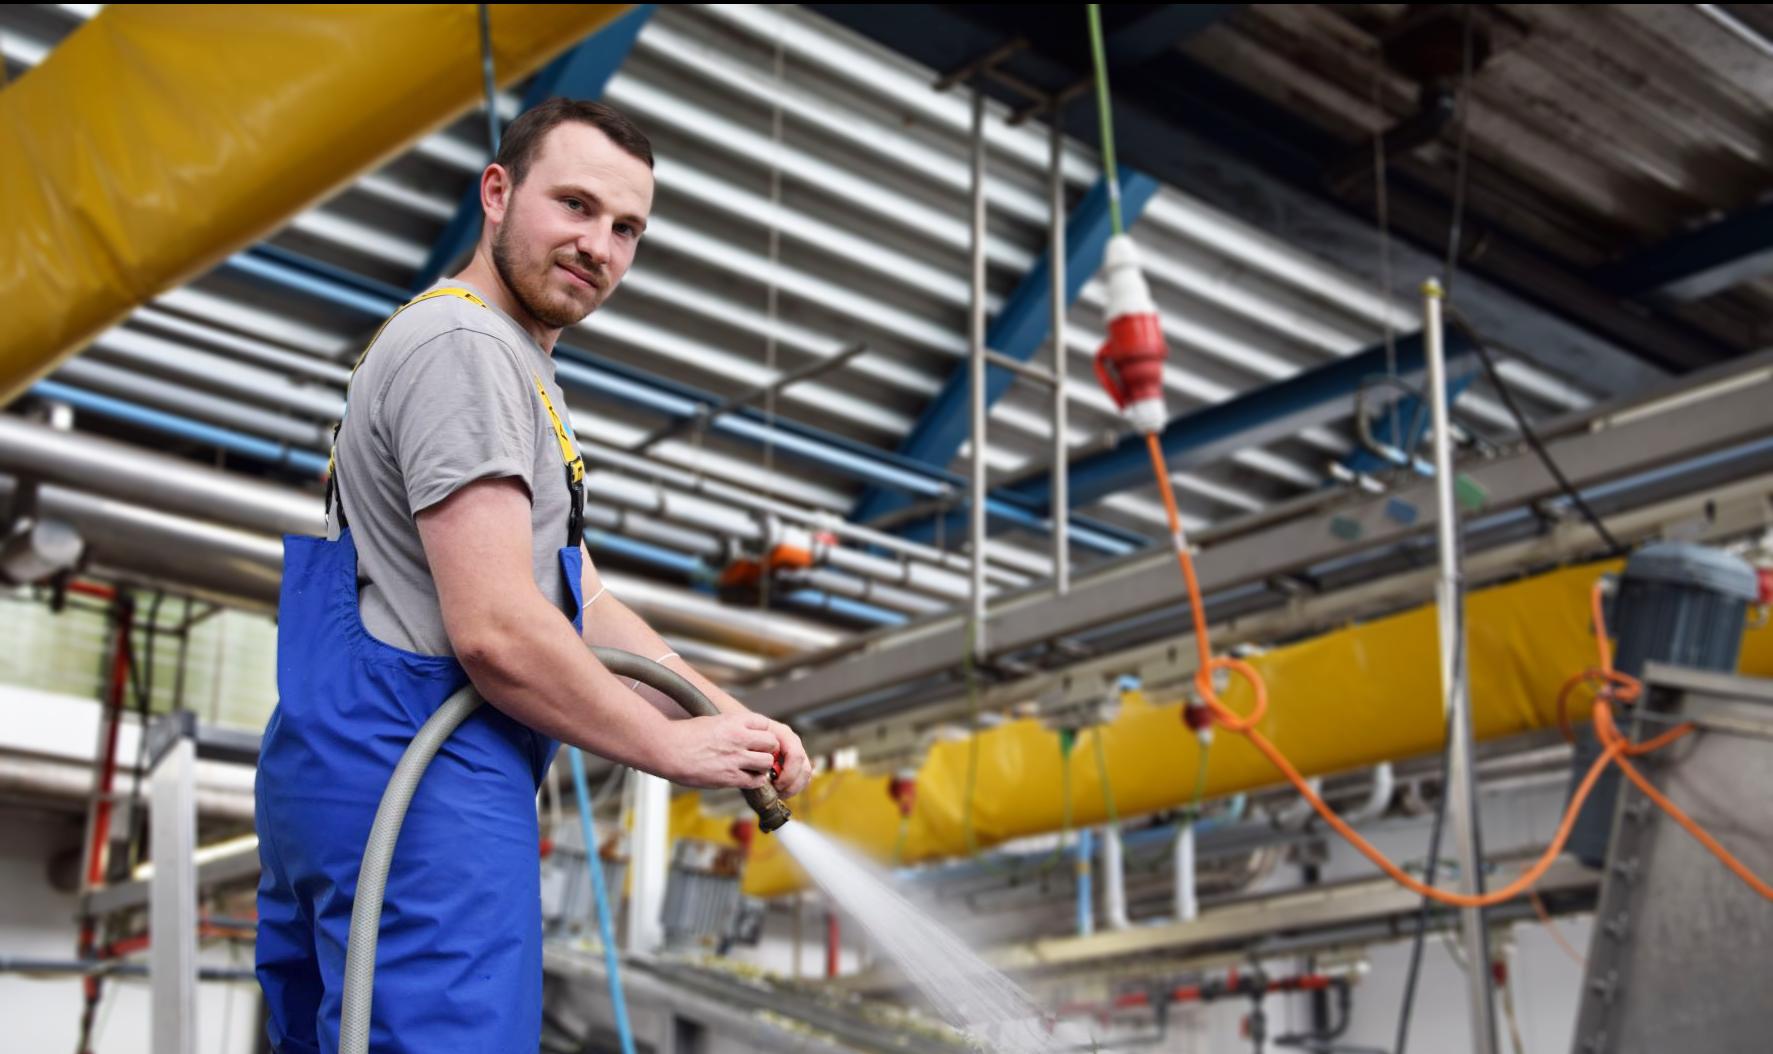 Ulli Schneider schätzt die Abwechslung an seiner Arbeit als Gebäudereiniger